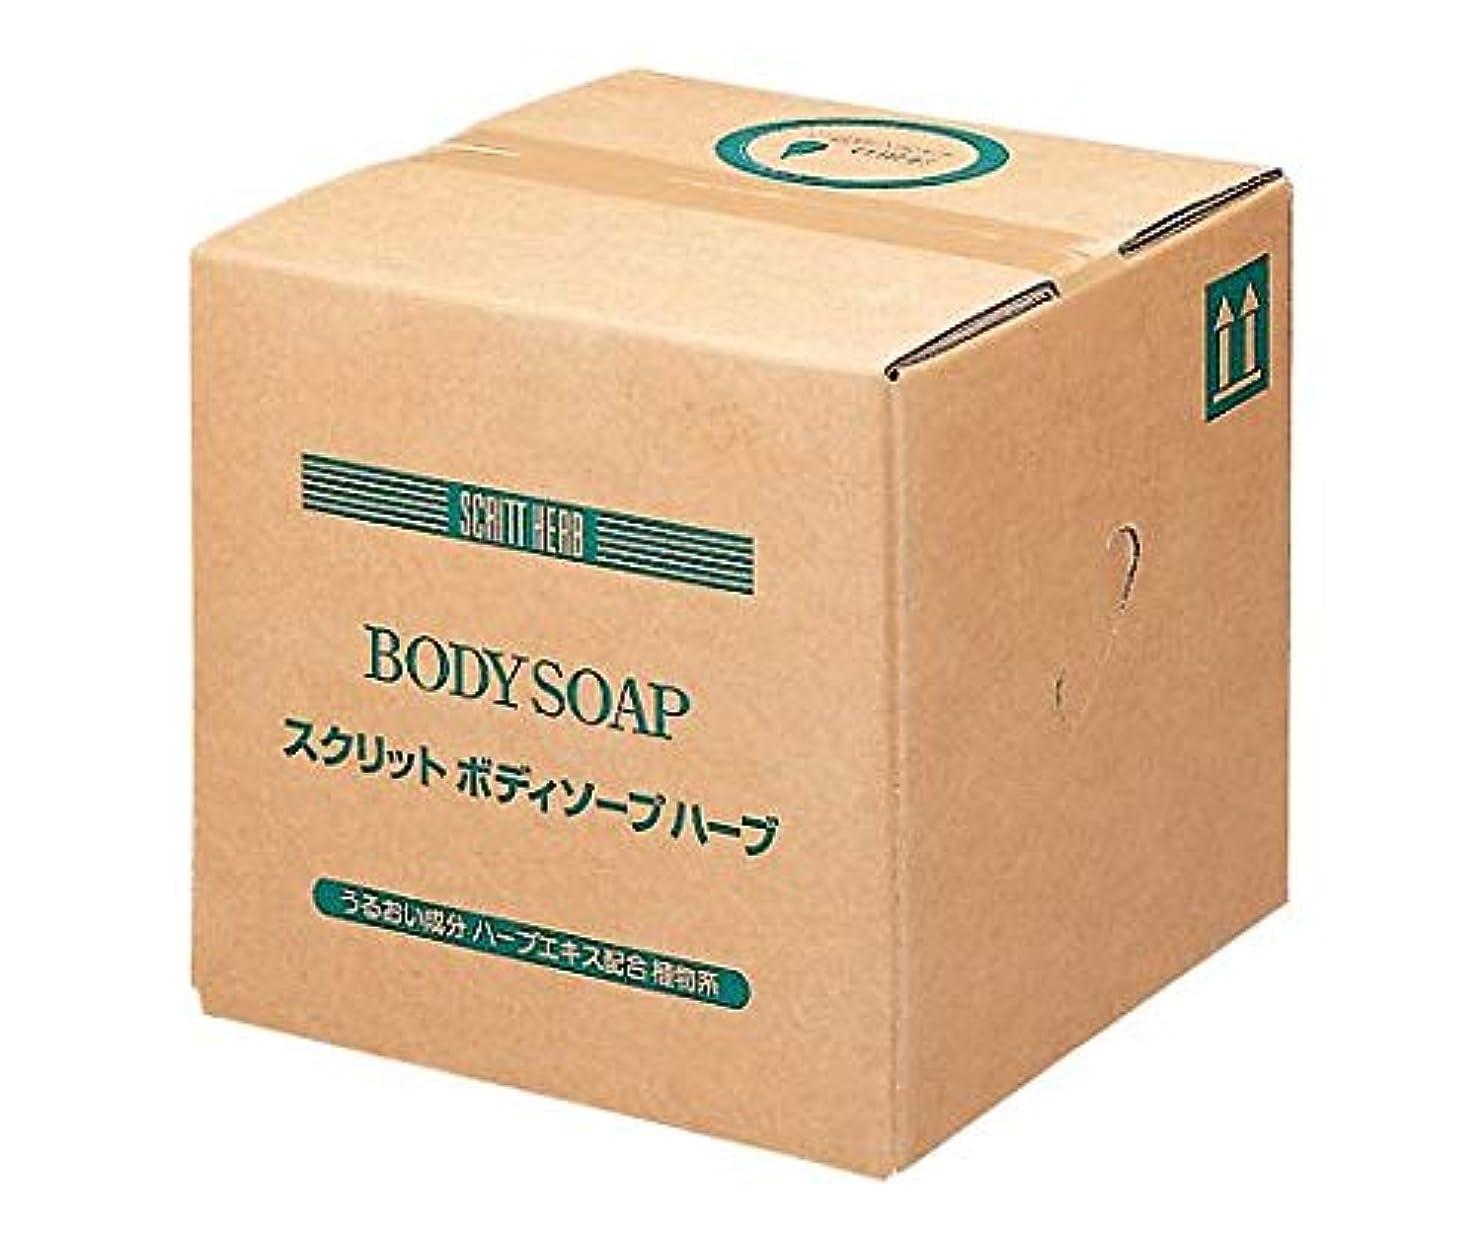 包帯雄大な海岸熊野油脂 業務用 SCRITT(スクリット) ボデイソ-プ 18L